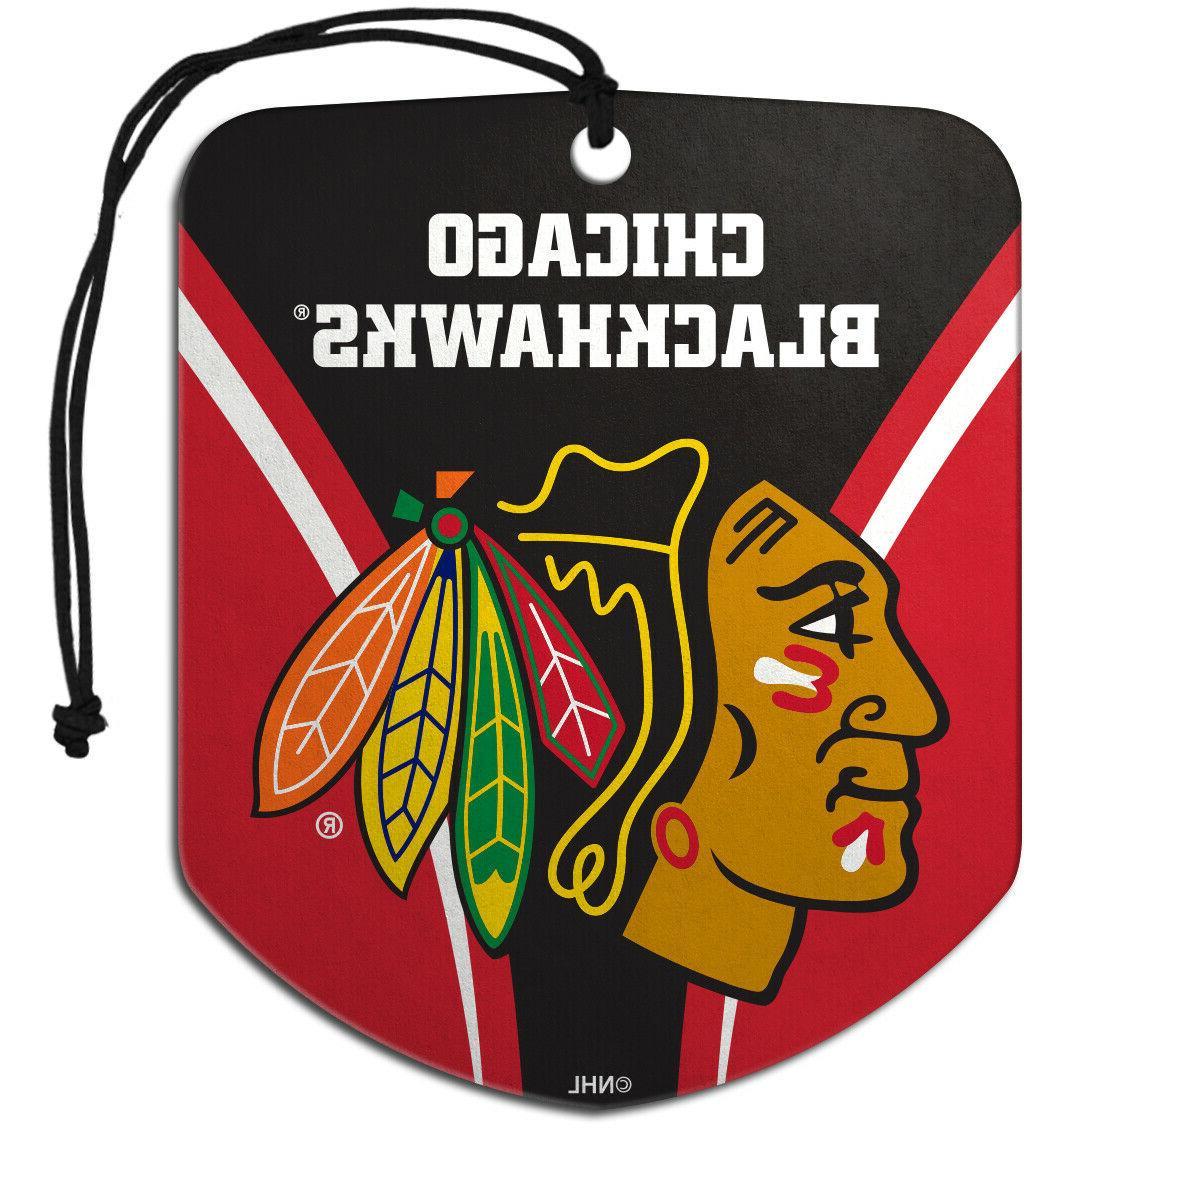 nhl chicago blackhawks 2 pack air freshener